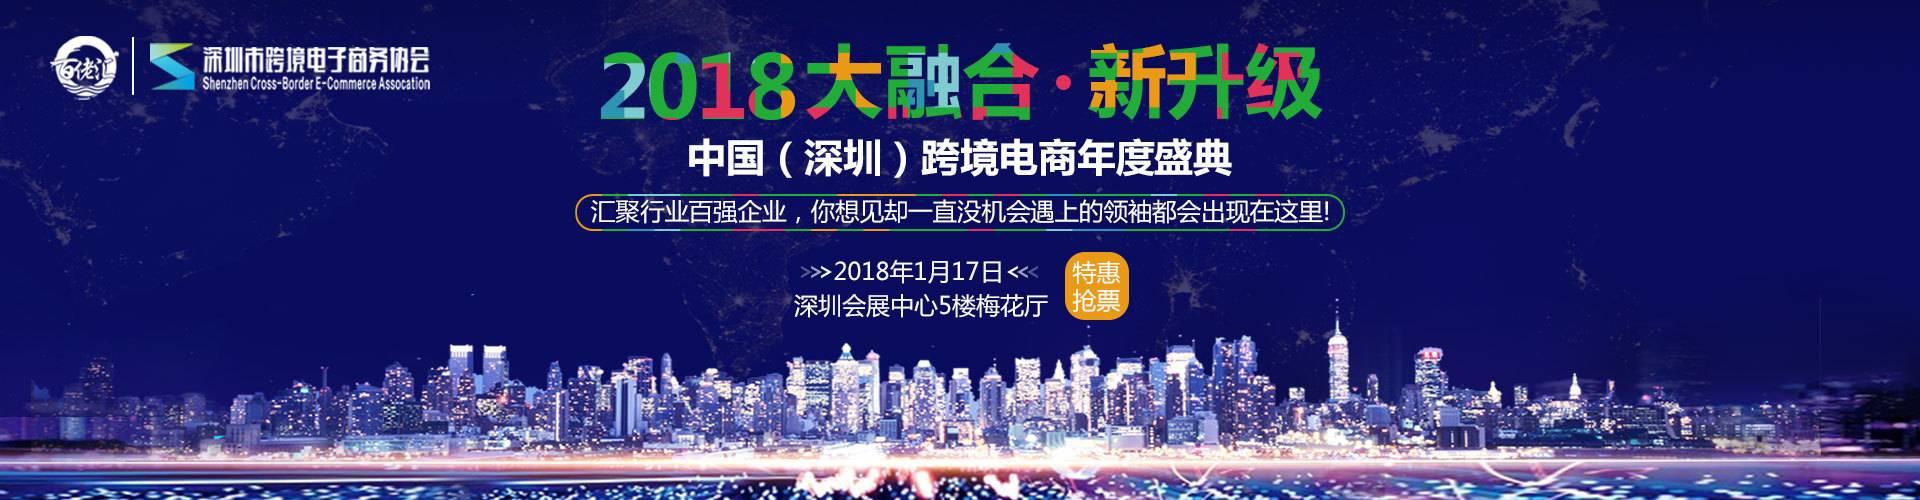 VIPON助力中国(深圳)跨境电商年度盛典